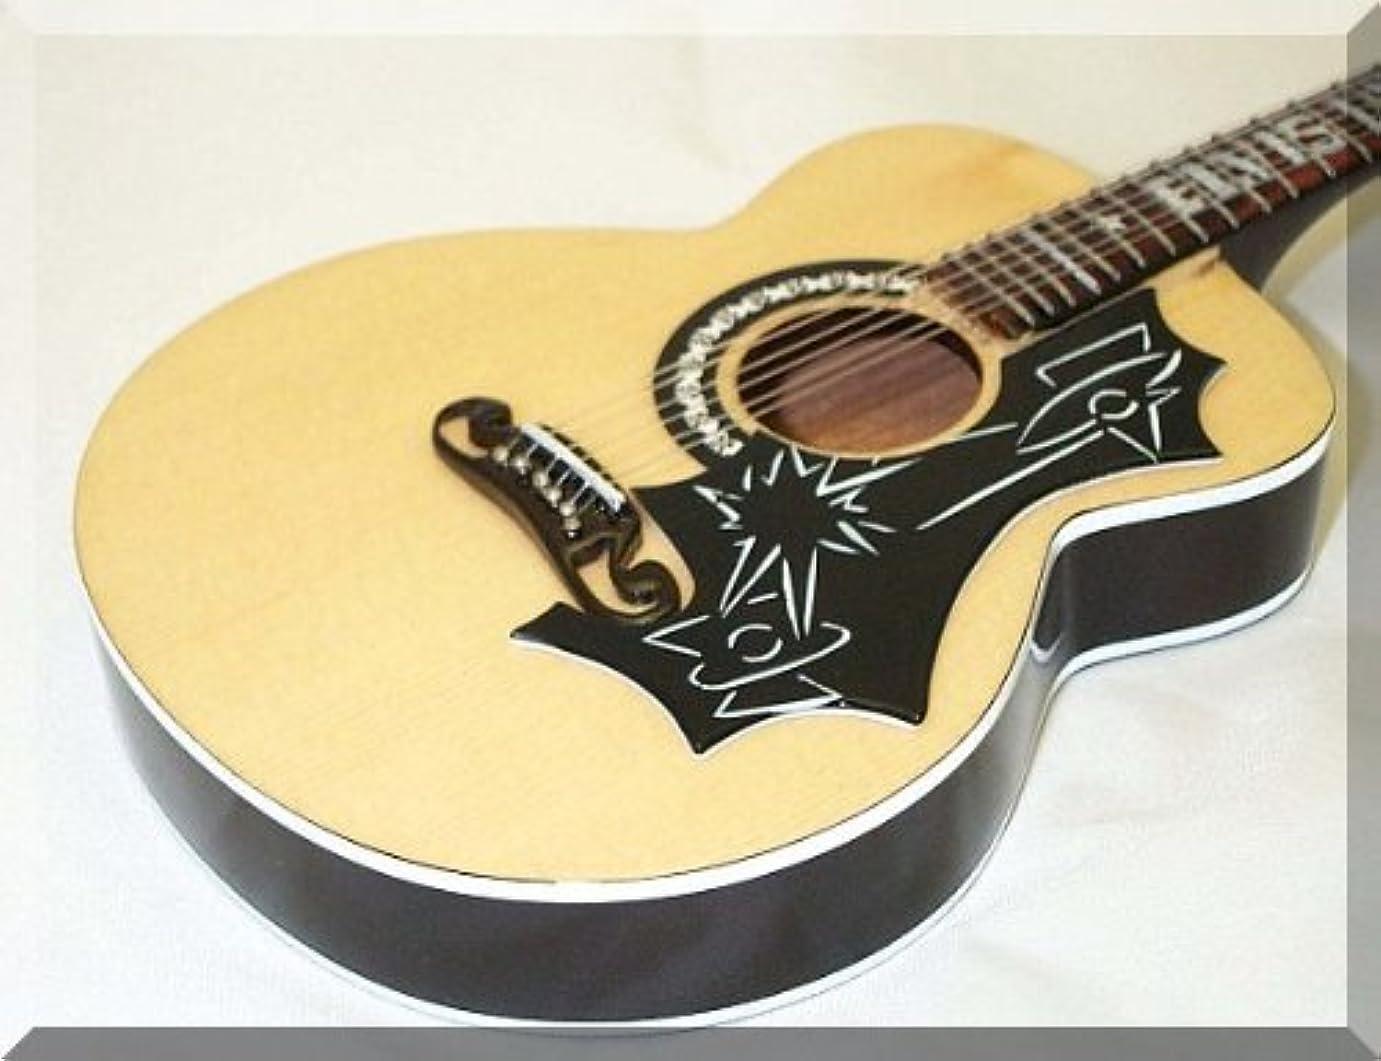 変数潜在的なトランジスタELVIS PRESLEY Miniature Mini Guitar Acoustic Old Era アコースティックギター アコギ ギター (並行輸入)